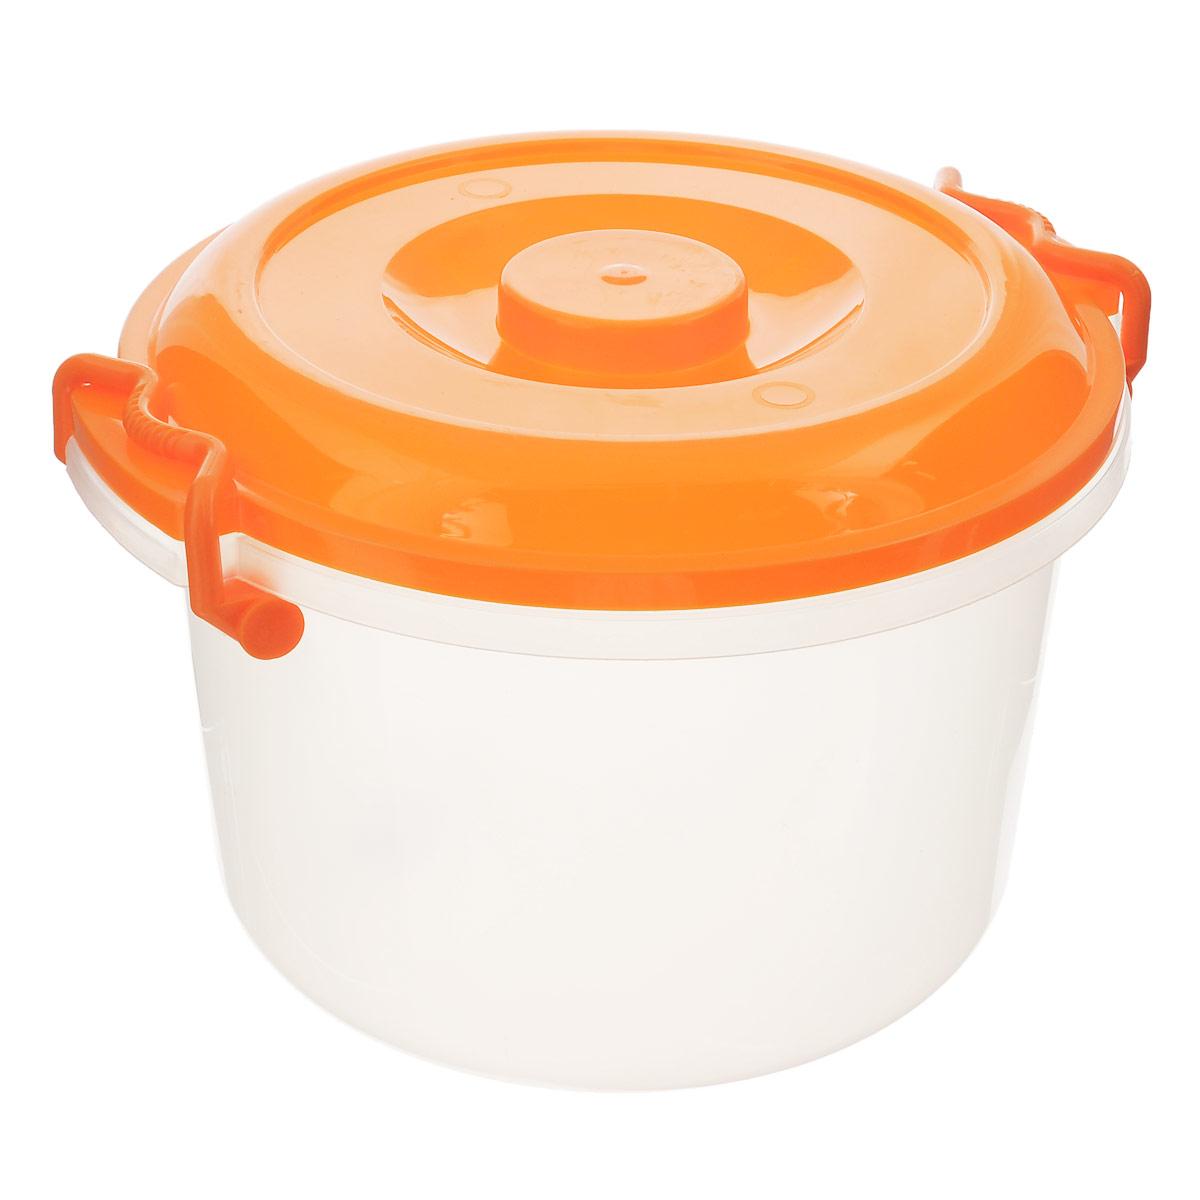 Контейнер Альтернатива, цвет: оранжевый, 7 лМ147Контейнер Альтернатива выполнен из прочного пластика, предназначен для хранения различных мелких вещей.Прозрачные стенки позволяют видеть содержимое. Контейнер плотно закрывается крышкой с двумя защелками. В таком контейнере ваши вещи будут защищены от пыли, грязи и влаги.Объем: 7 л.Внутренний диаметр контейнера: 25 см.Ширина контейнера с учетом ручек: 30 см.Высота контейнера: 19,5 см.